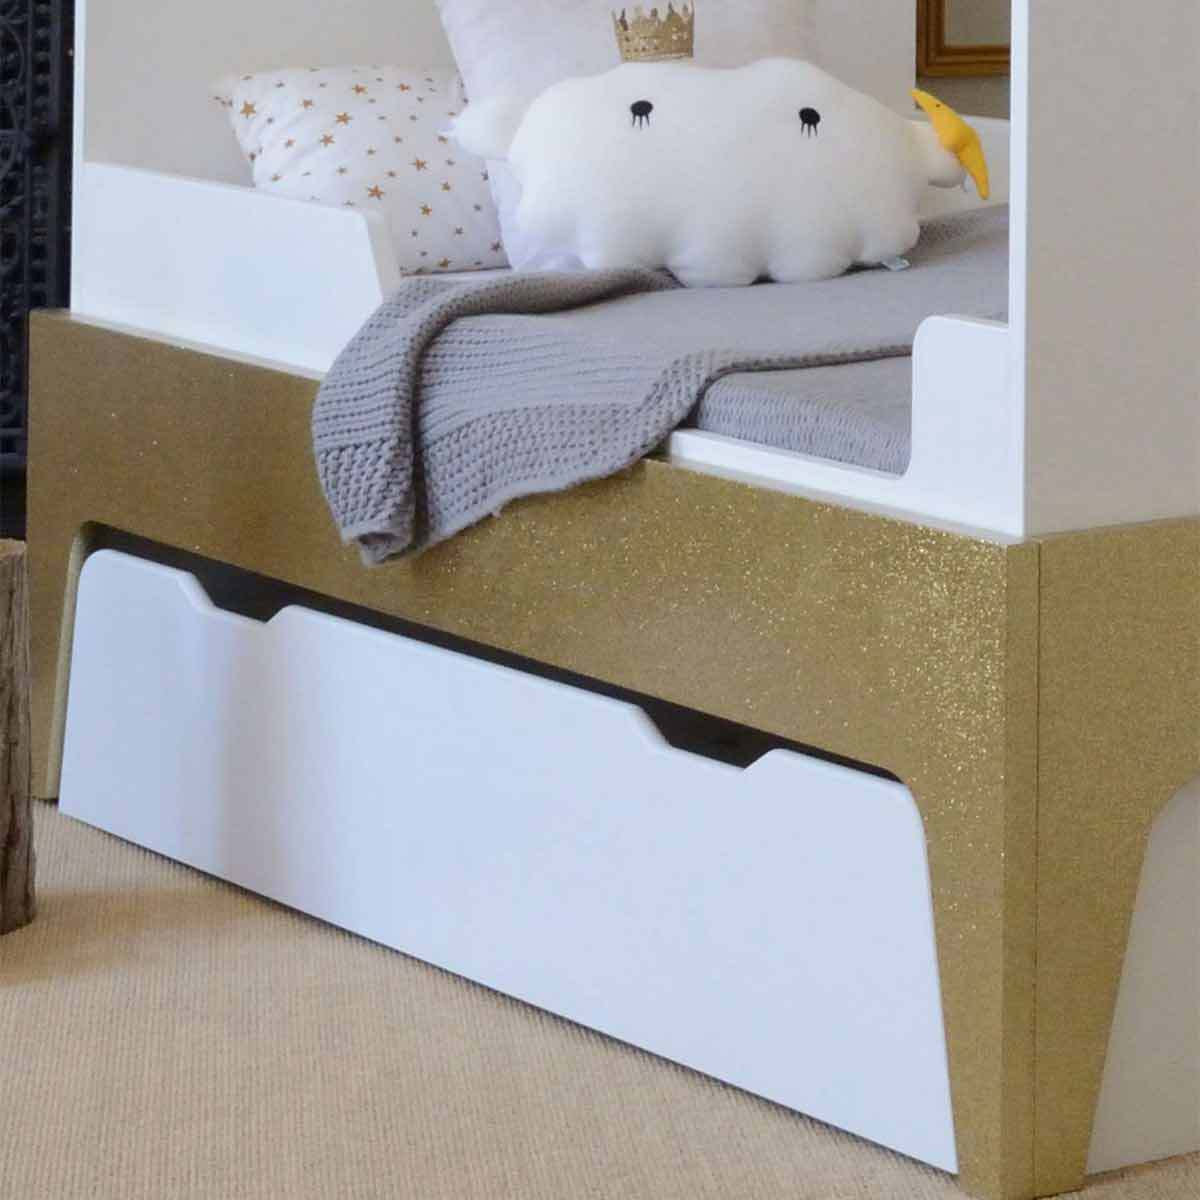 b b provence tiroir de rangement pour lit paris evolutif blanc lit b b b b provence sur l. Black Bedroom Furniture Sets. Home Design Ideas